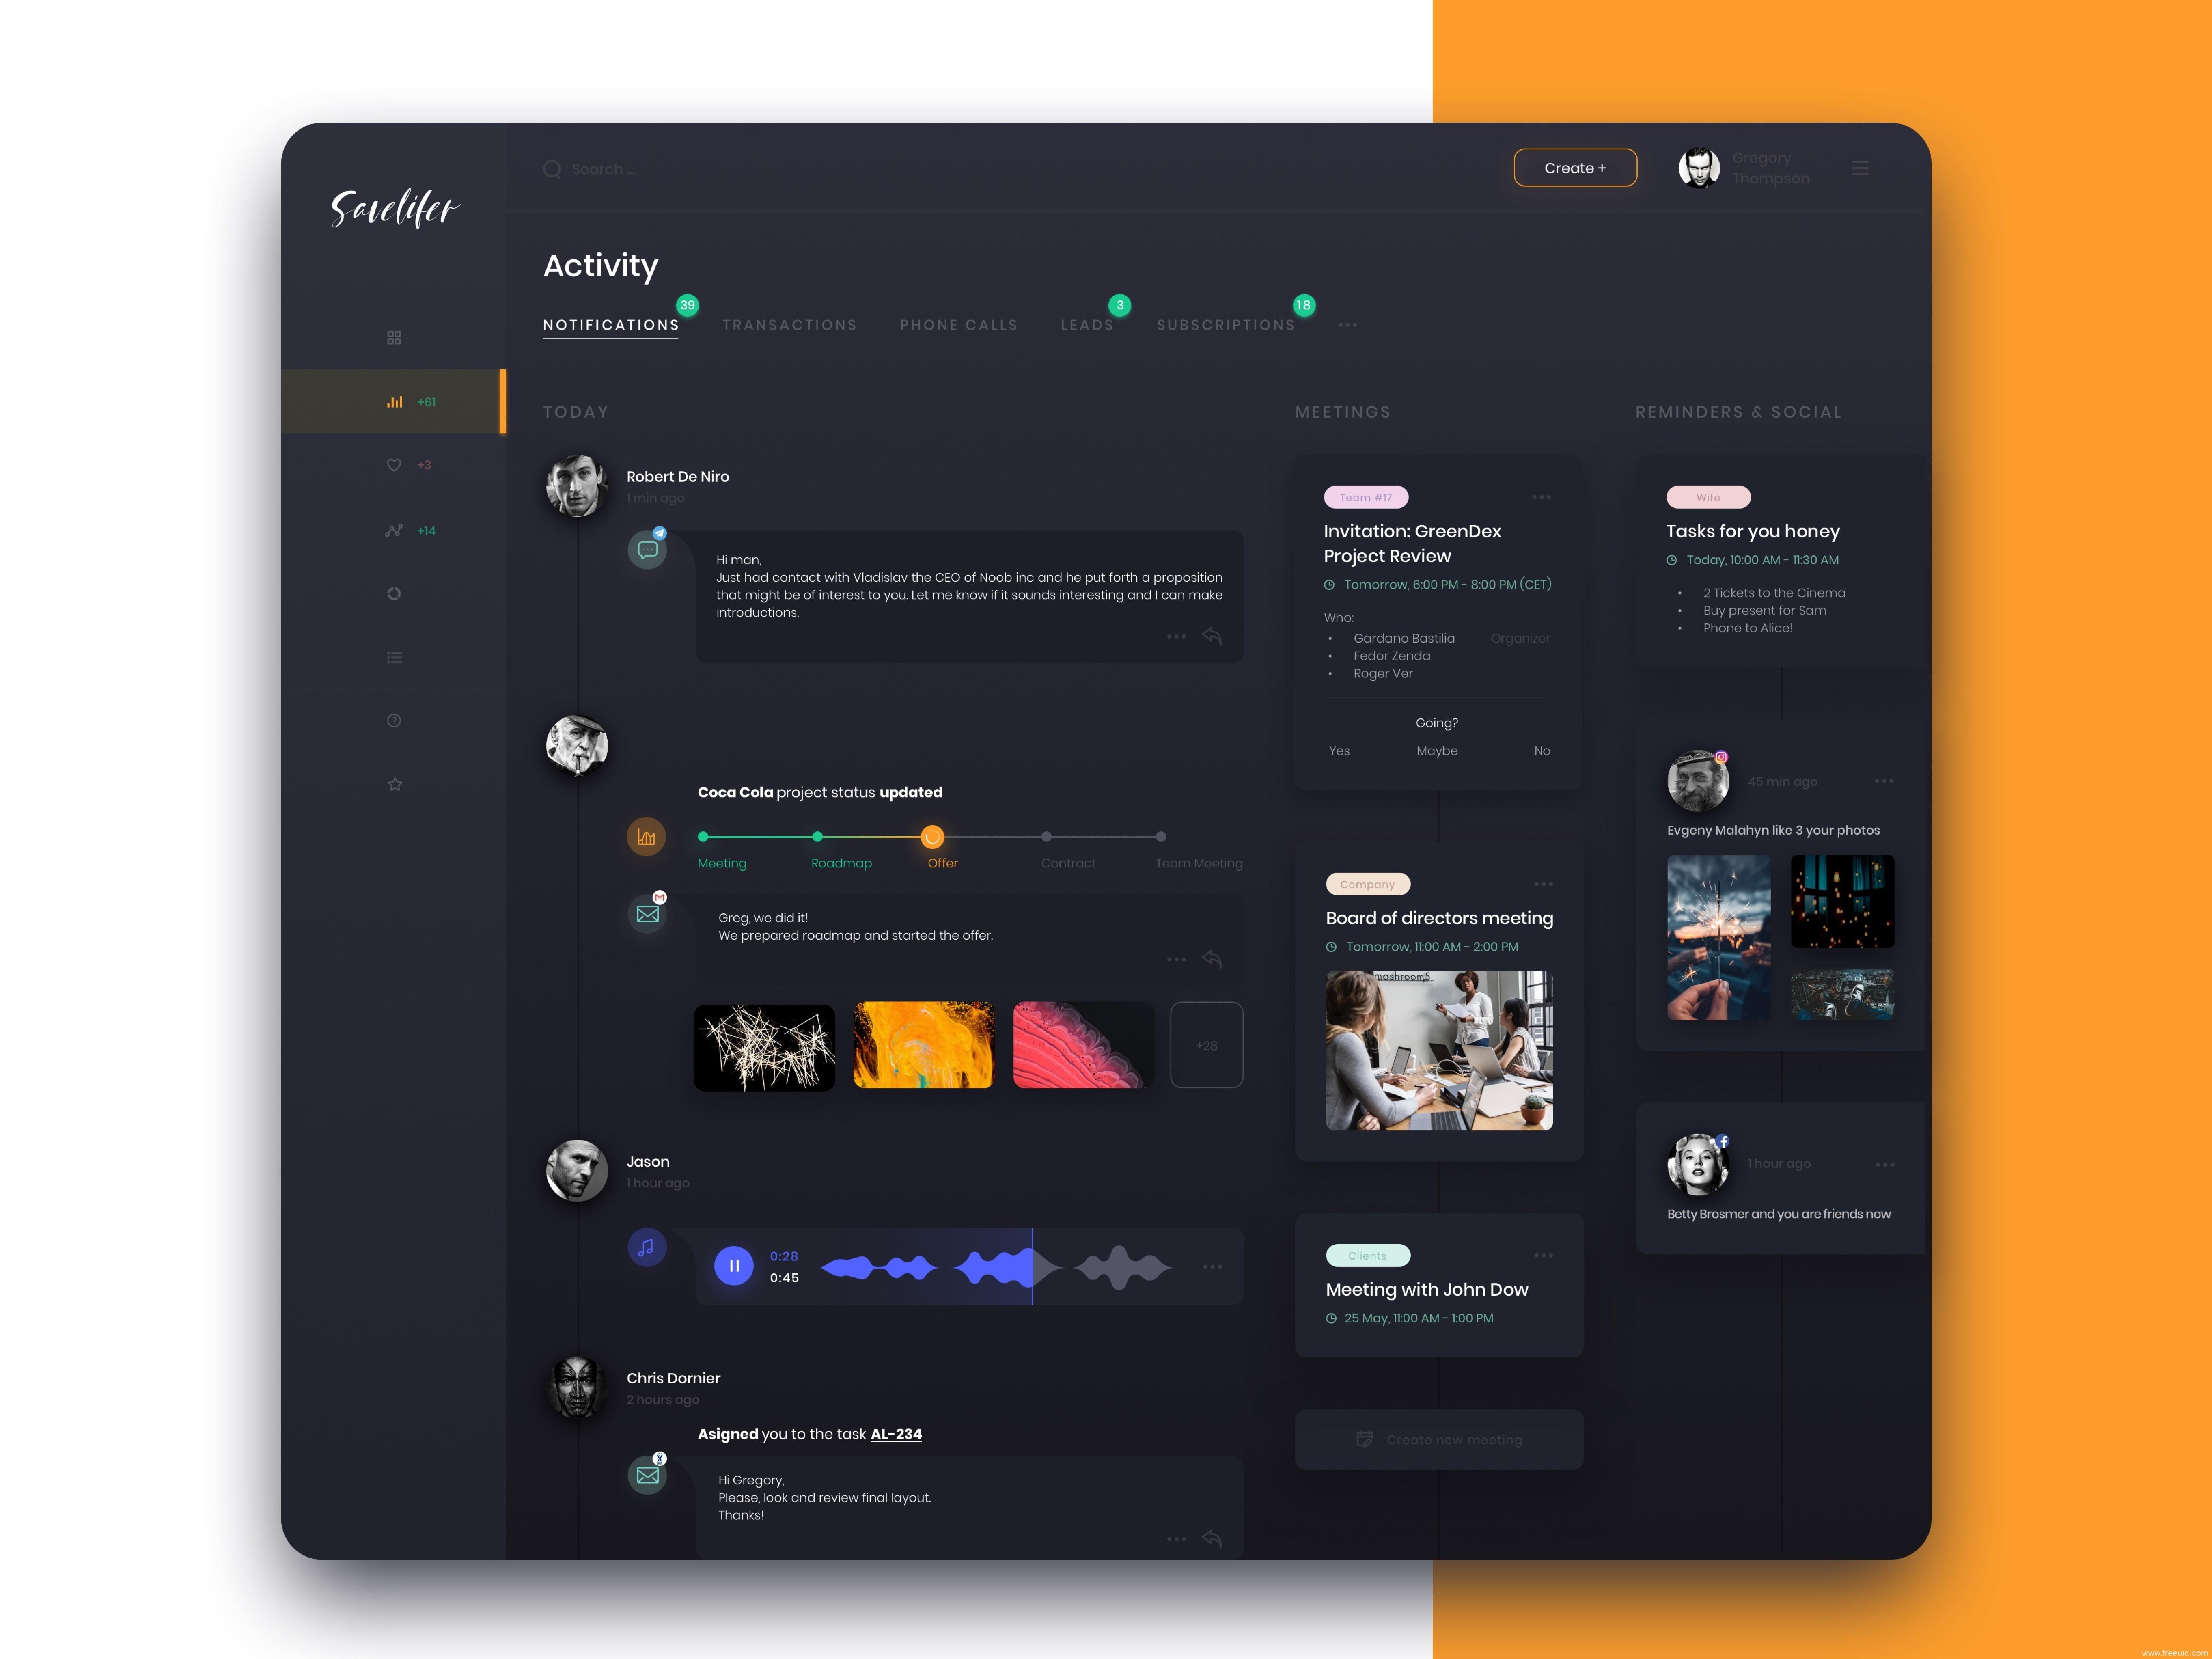 暗色系后台管理界面UI kit,dashboard 后台UI源文件下载